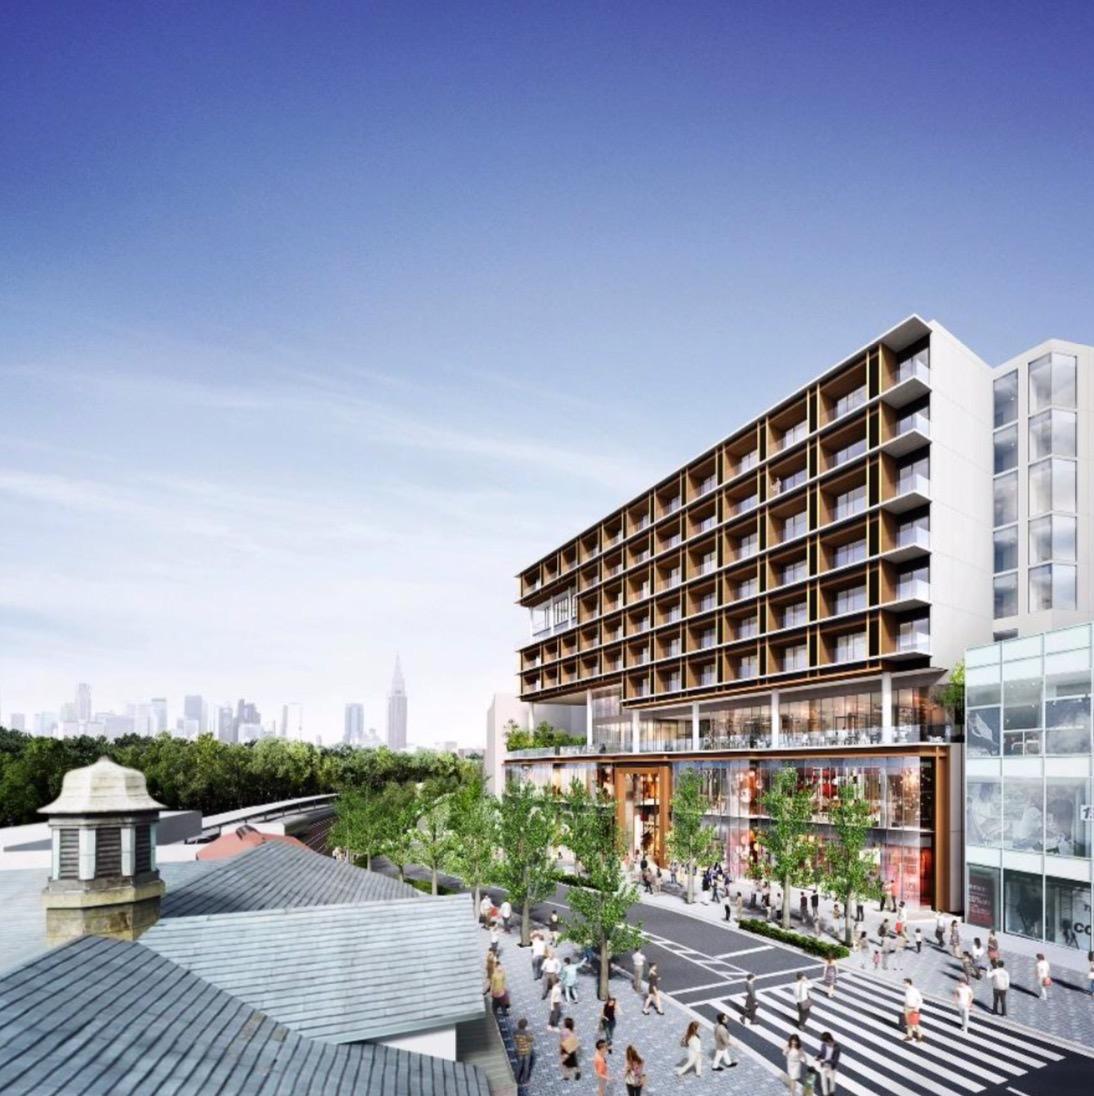 【イケア】初の都心型店舗「原宿駅前プロジェクト」出店を発表